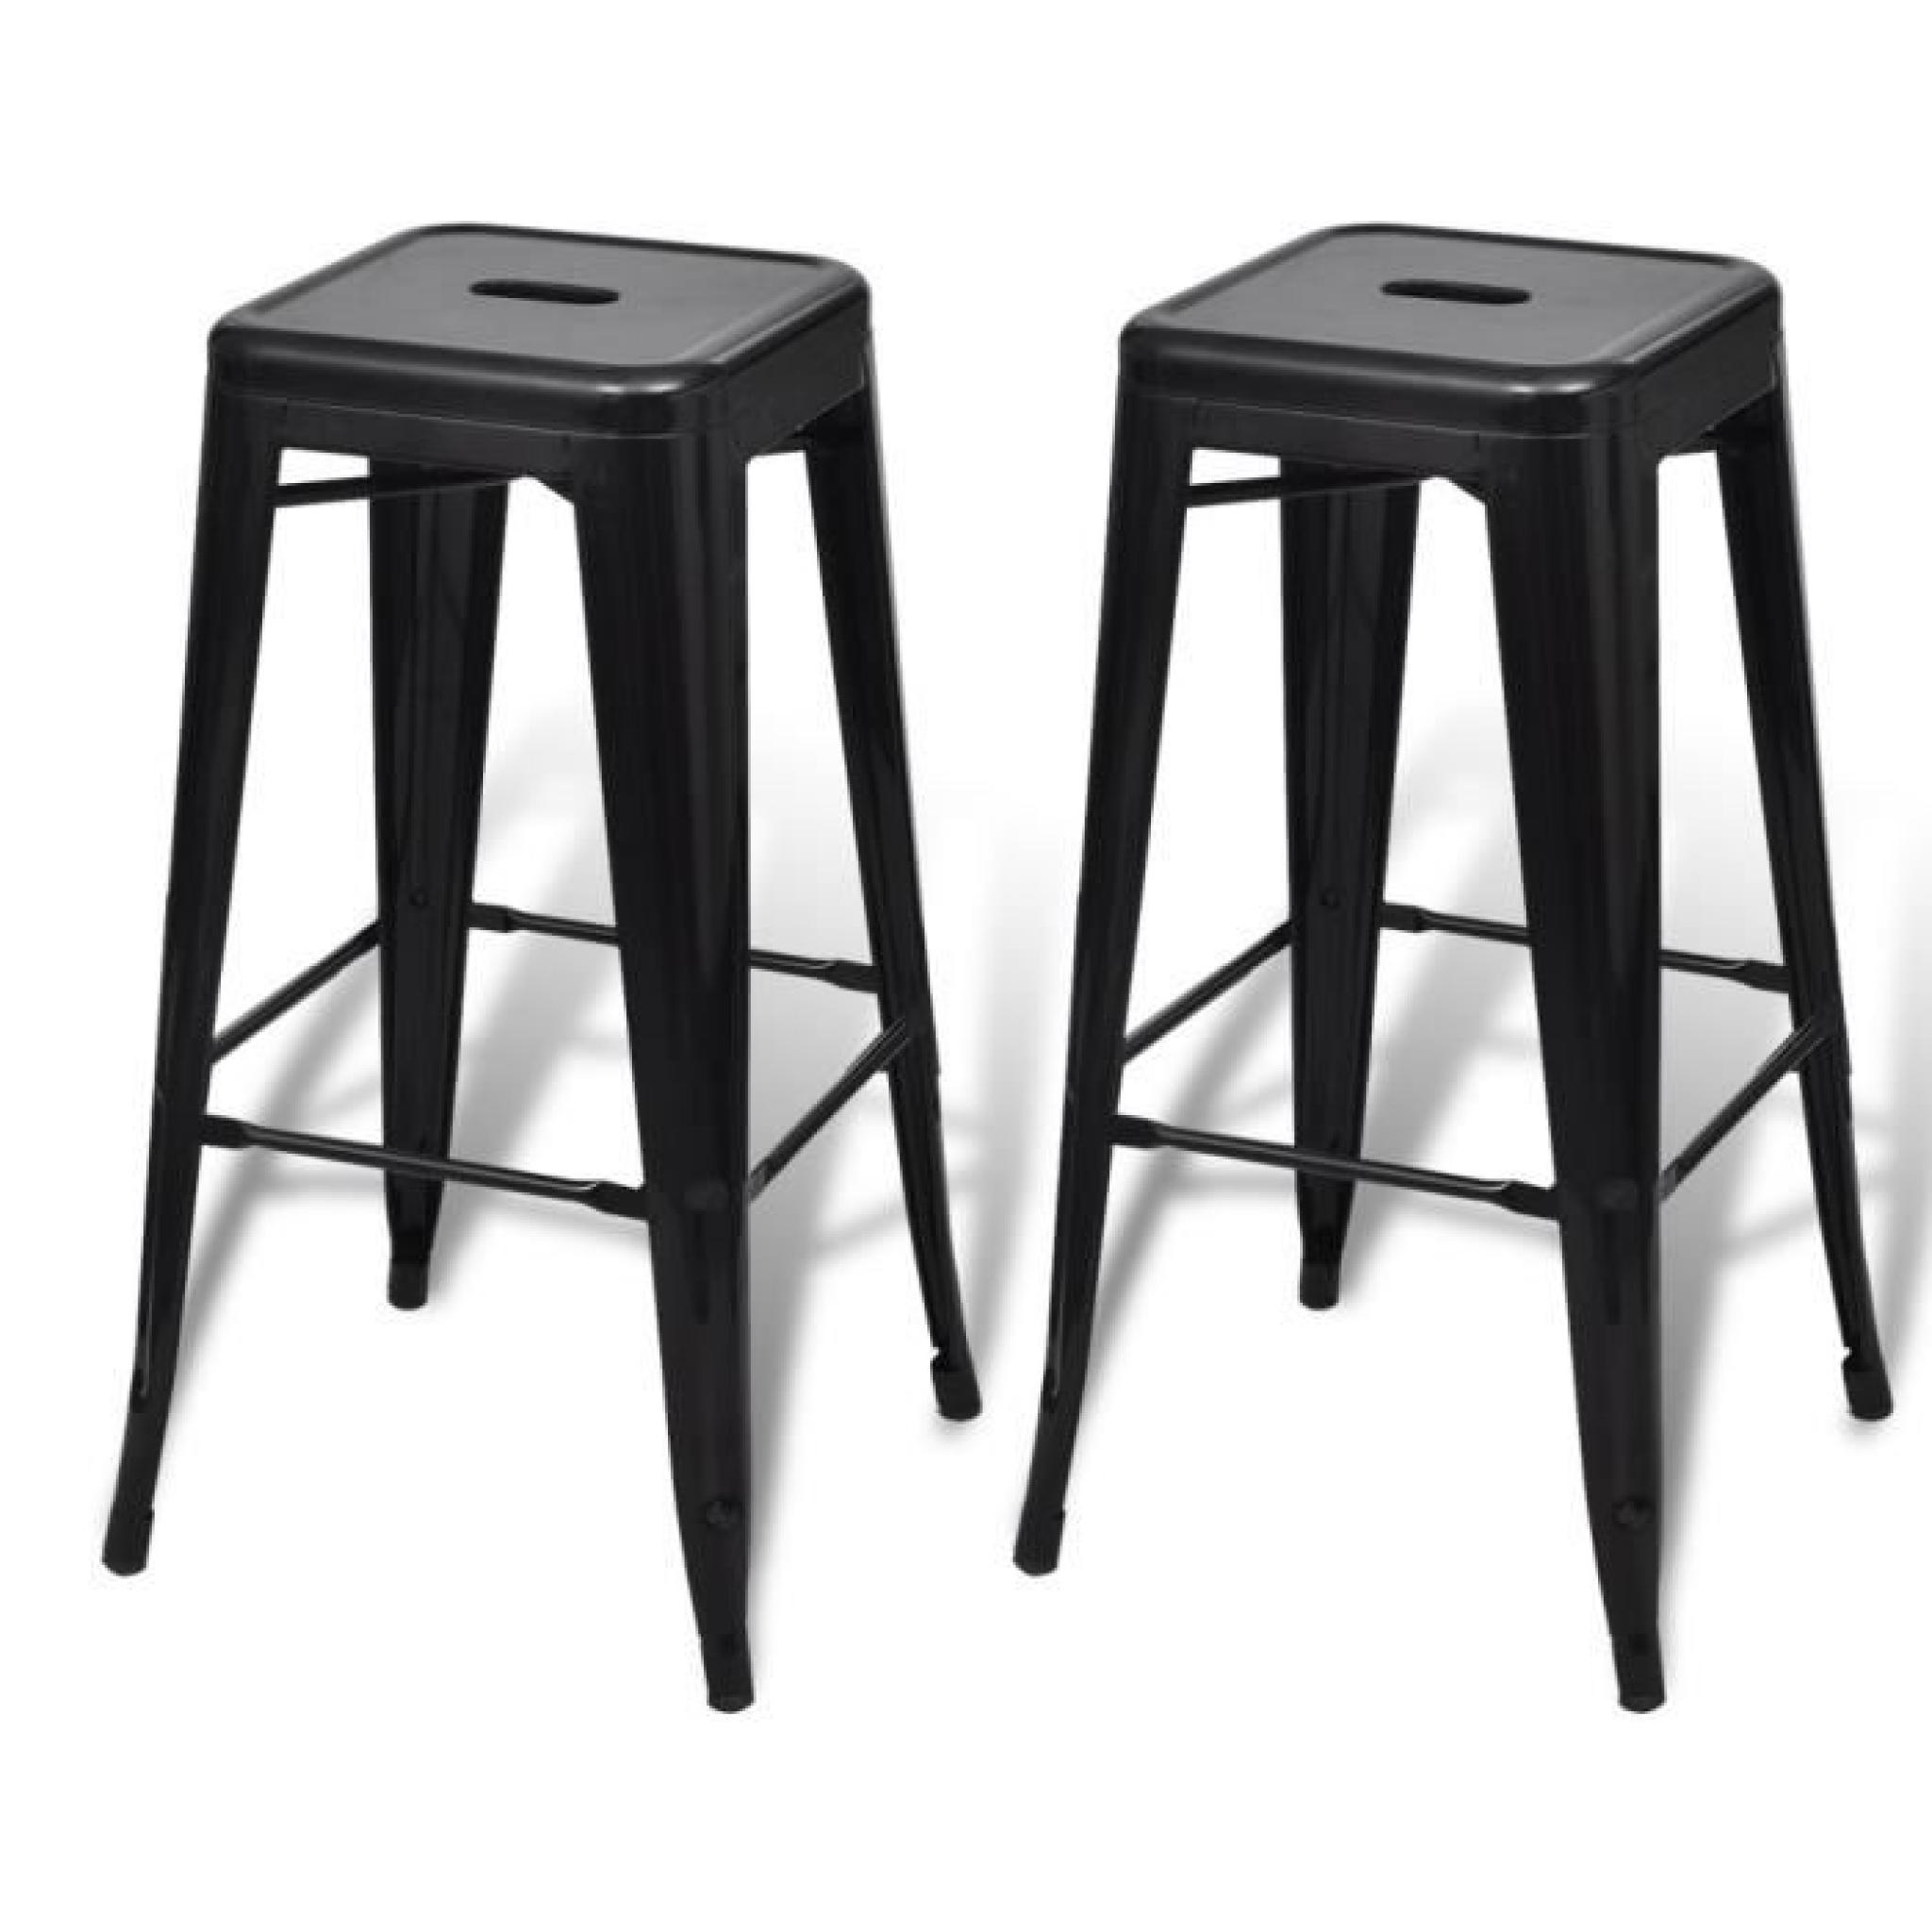 tabouret de bar 2 pcs noir achat vente tabouret de bar pas cher couleur et. Black Bedroom Furniture Sets. Home Design Ideas